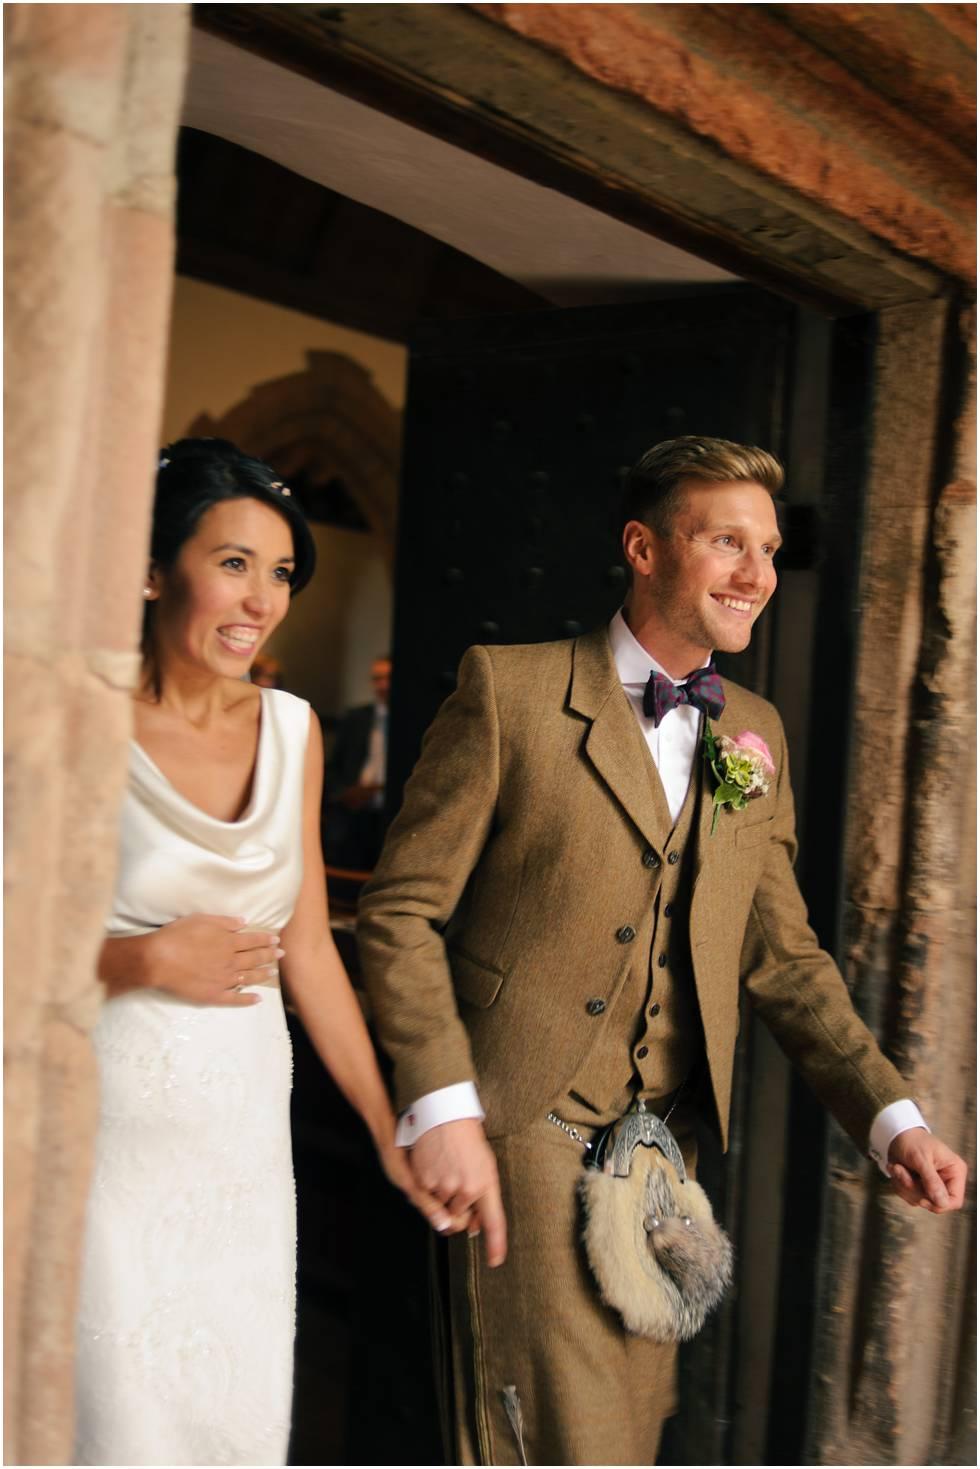 Wedding-photography-Tyninghame-East-Lothian-33.jpg